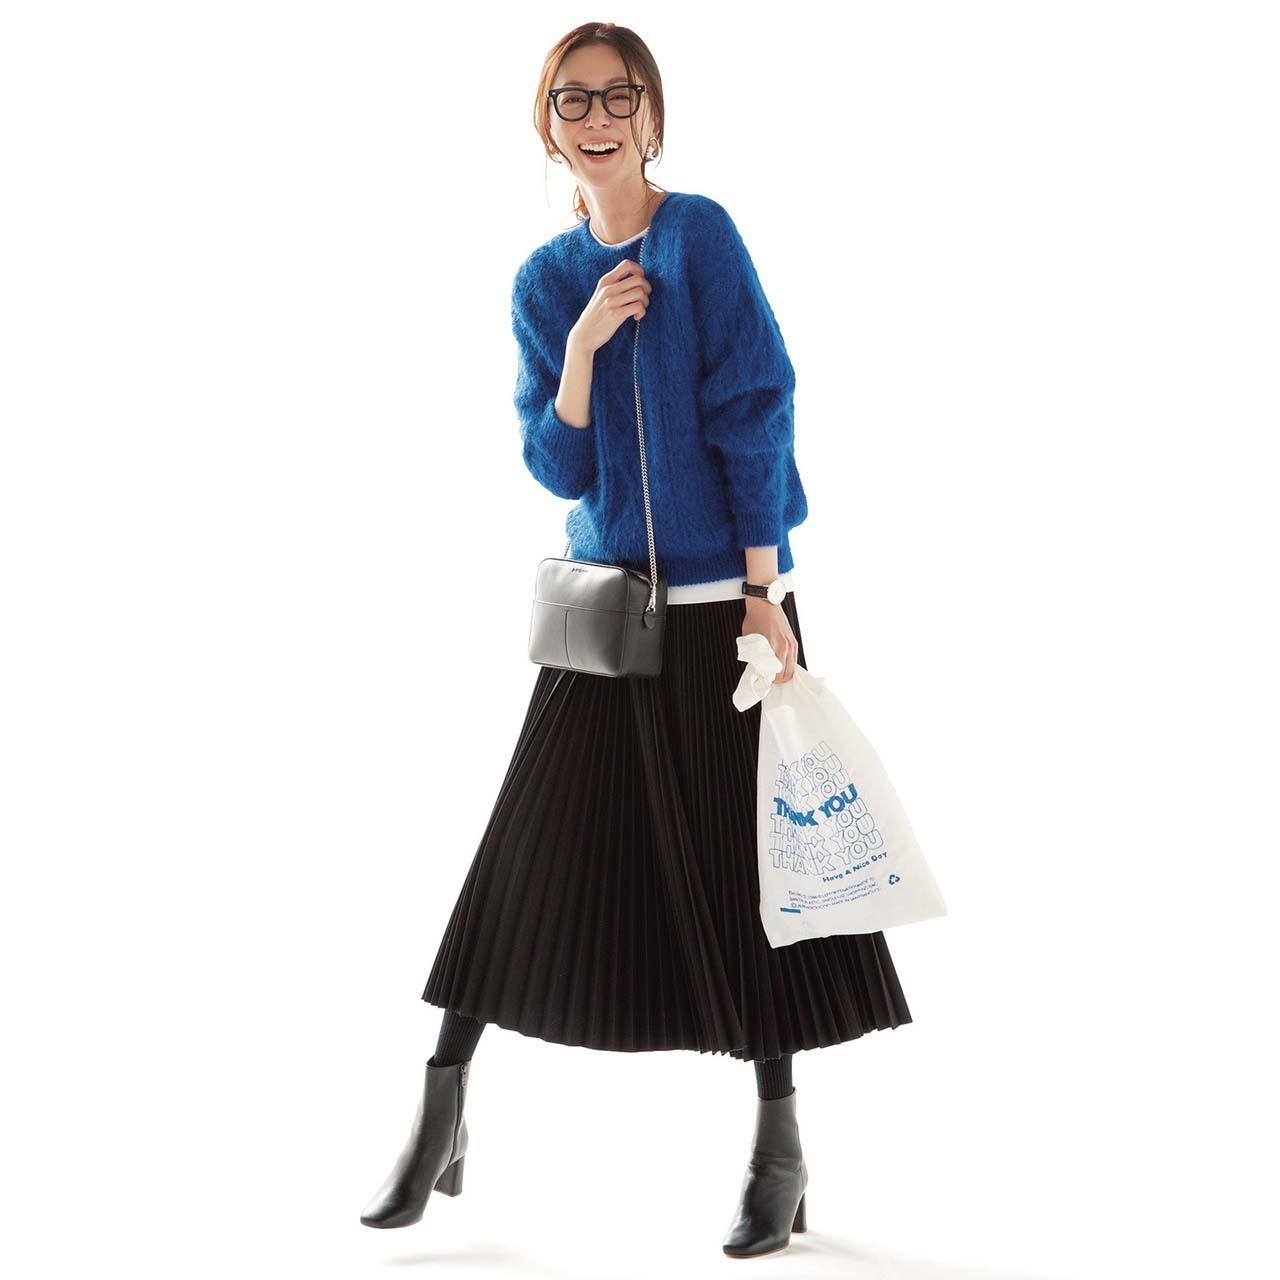 ニット×白Tシャツ×プリーツスカートコーデを着たモデルの内田ナナさん